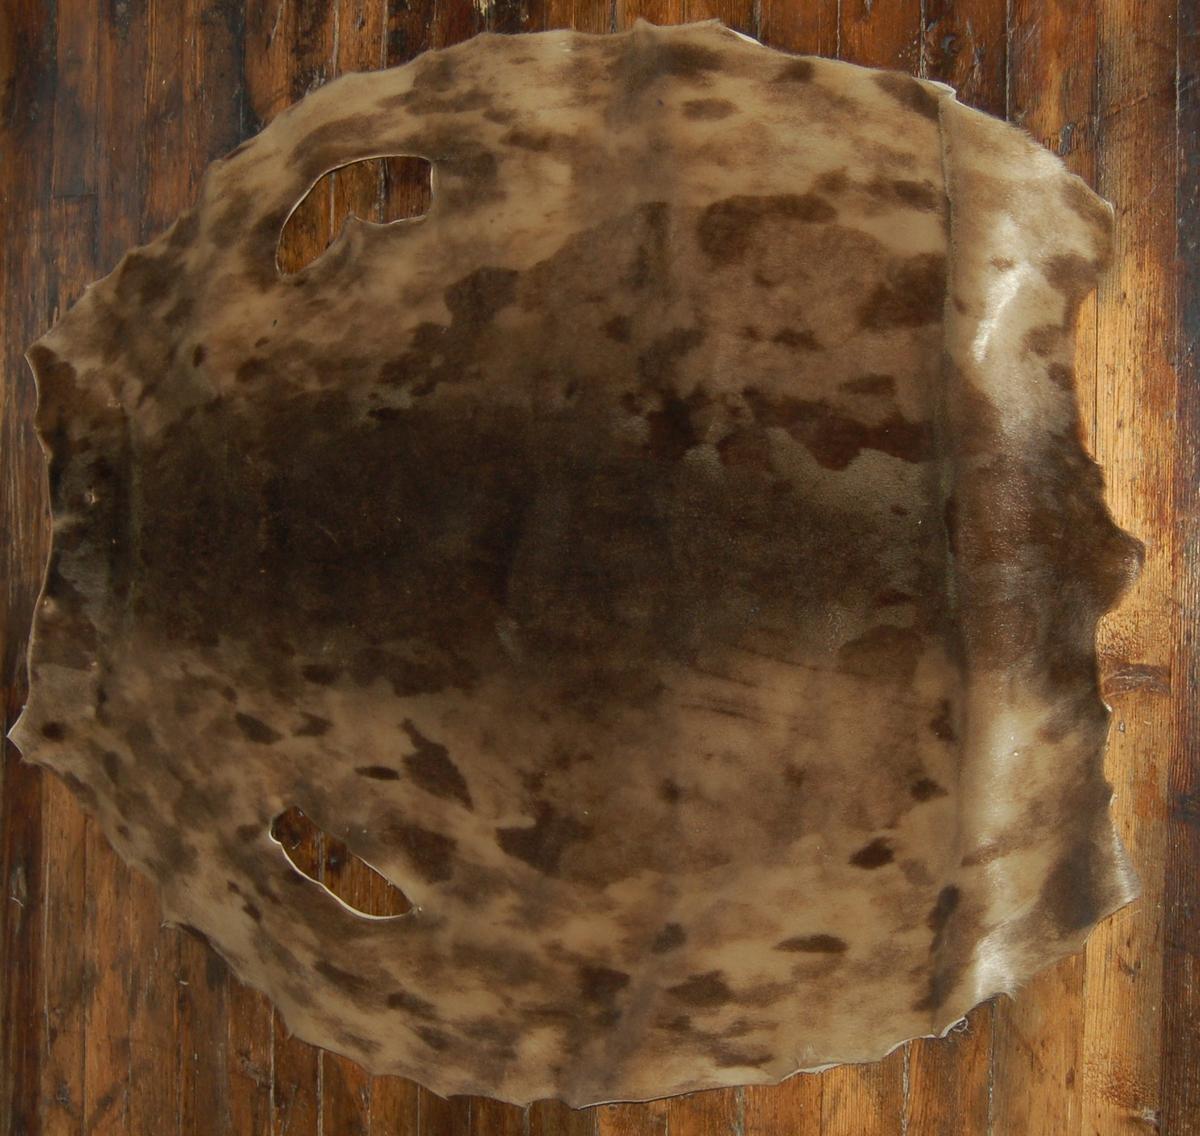 Gammelhunden er gulkvit med svart hode og en stor, svart salformet flekk på sidene